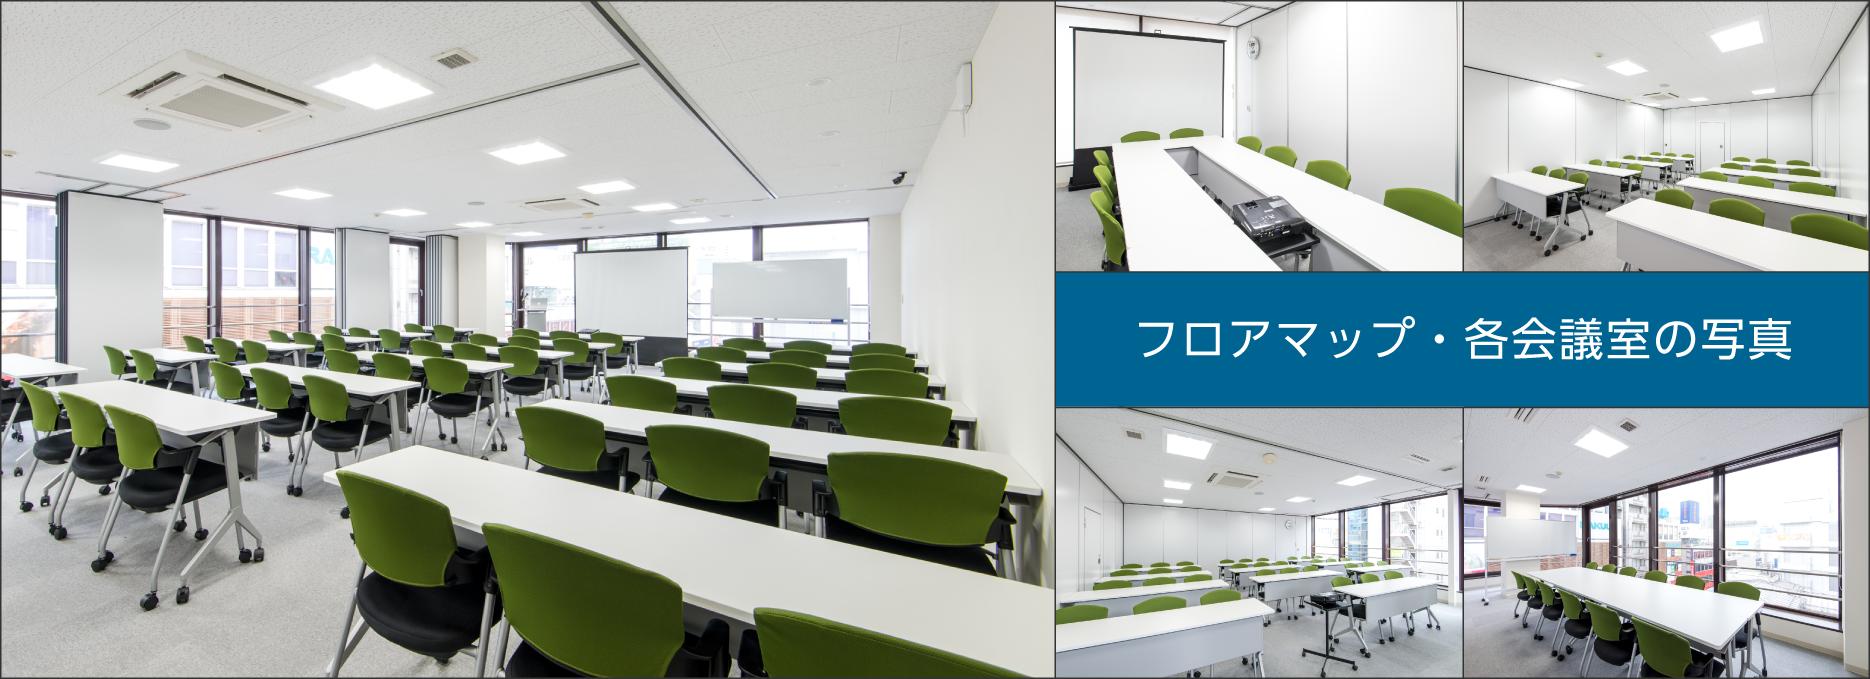 フロアマップ・各会議室の写真